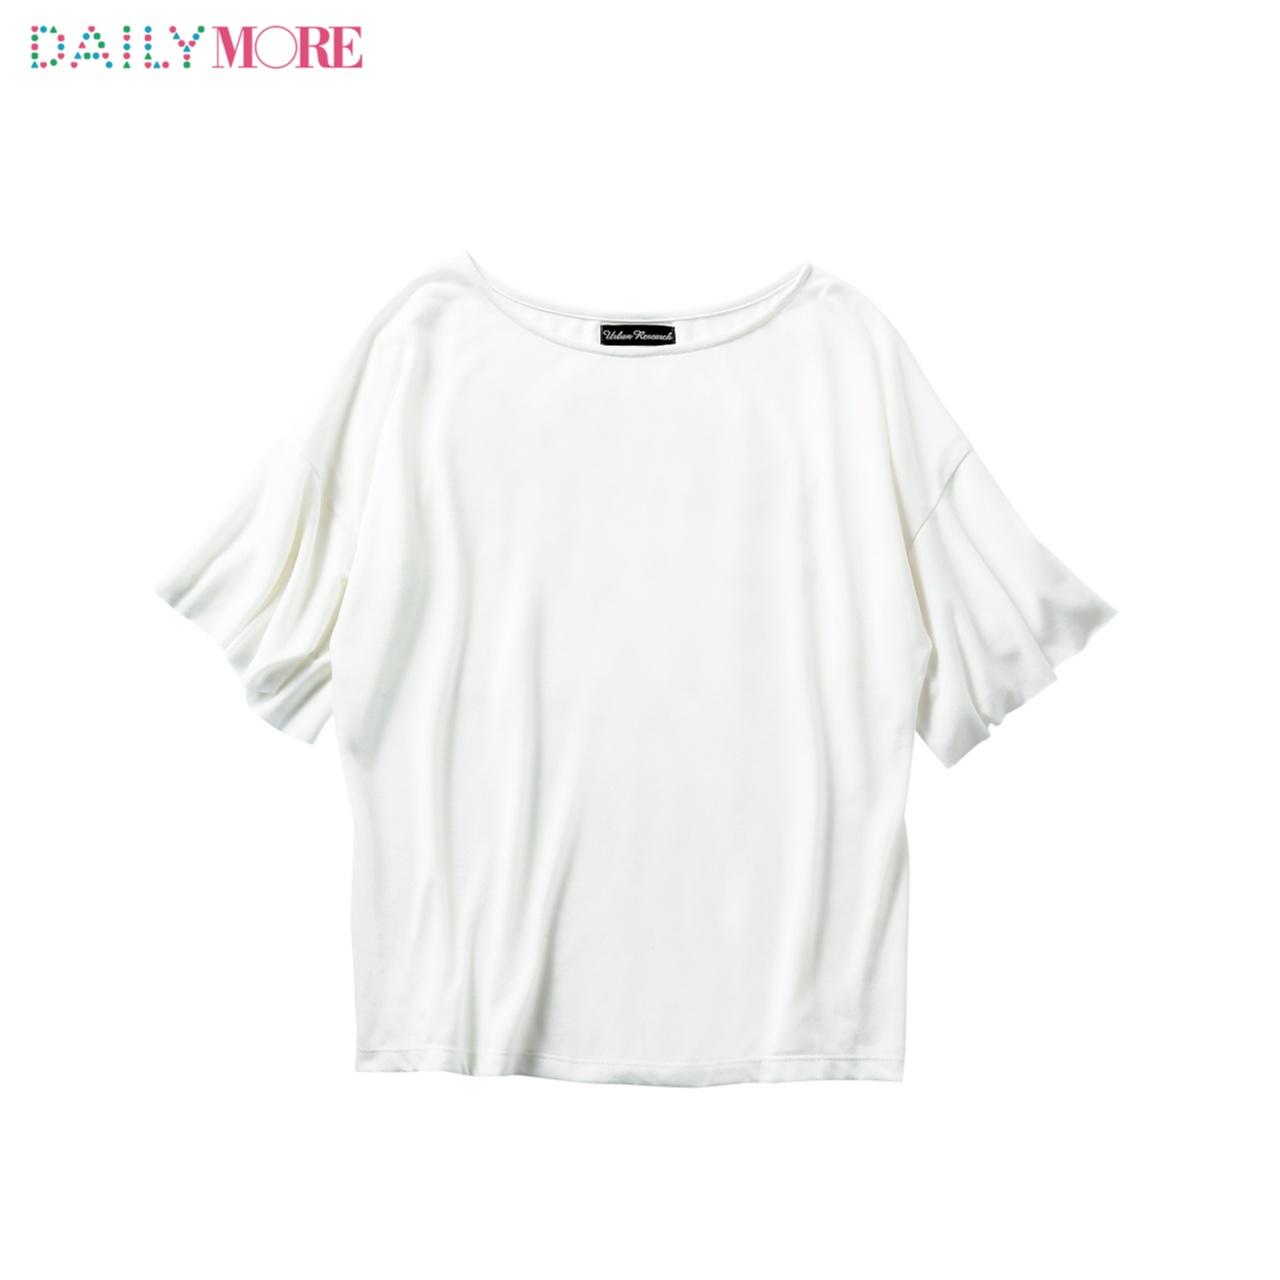 """Tシャツでお仕事行けちゃうの!? ラクチン&オフィス向きの""""きちんと見えTシャツ""""コーデ!_1"""